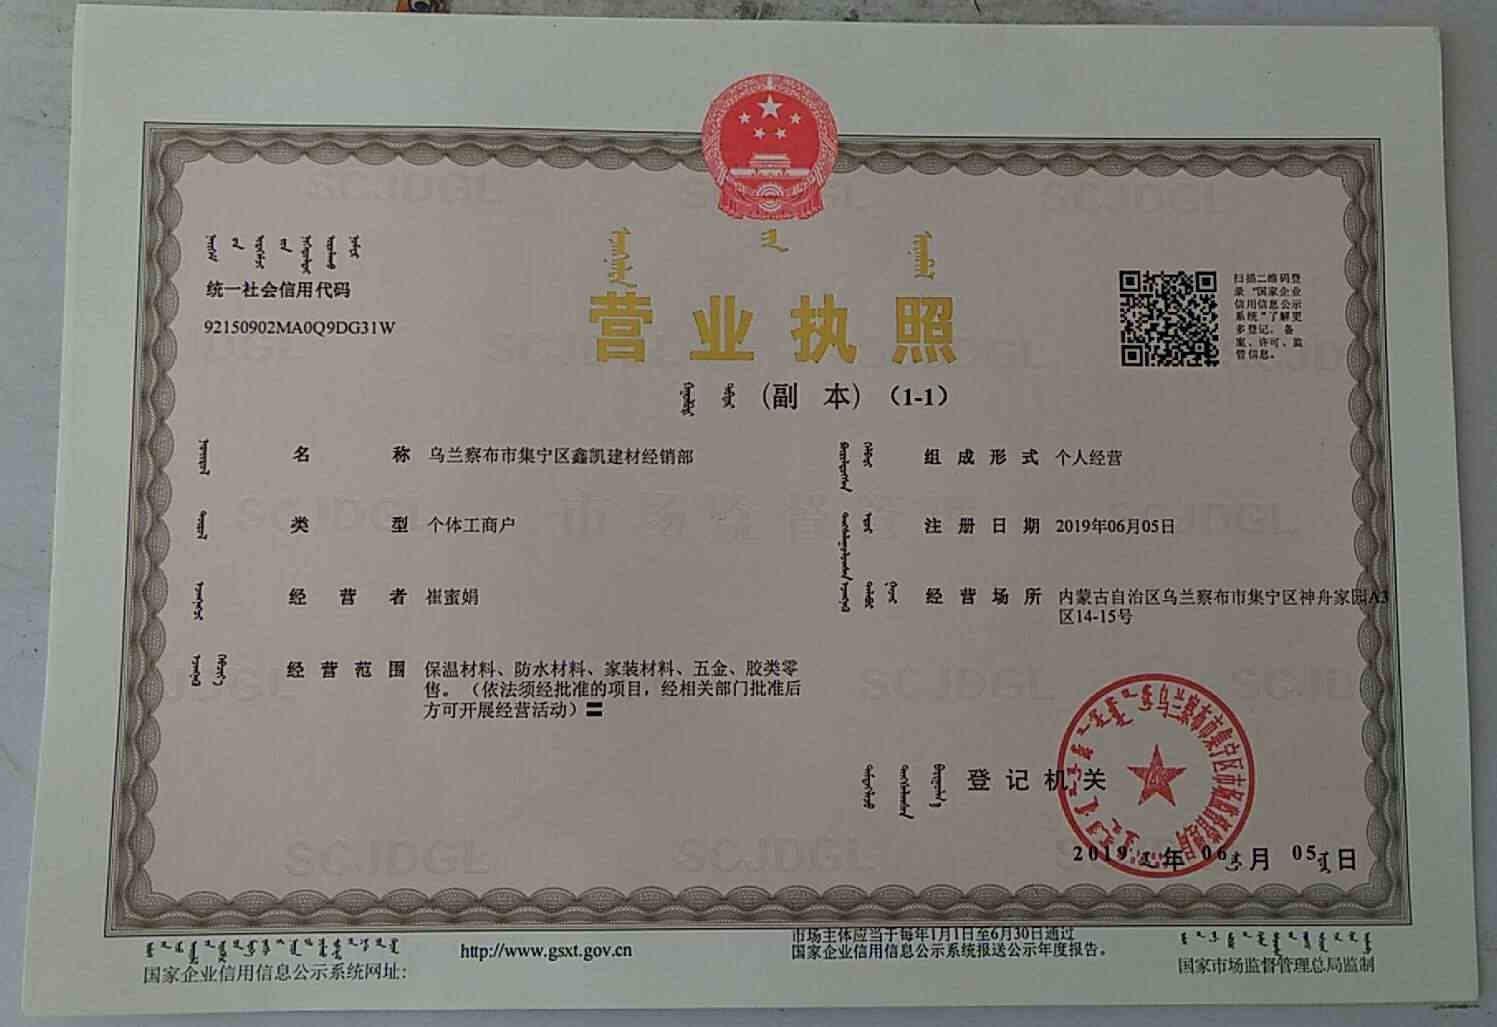 乌兰察布市集宁区鑫凯建材经销部